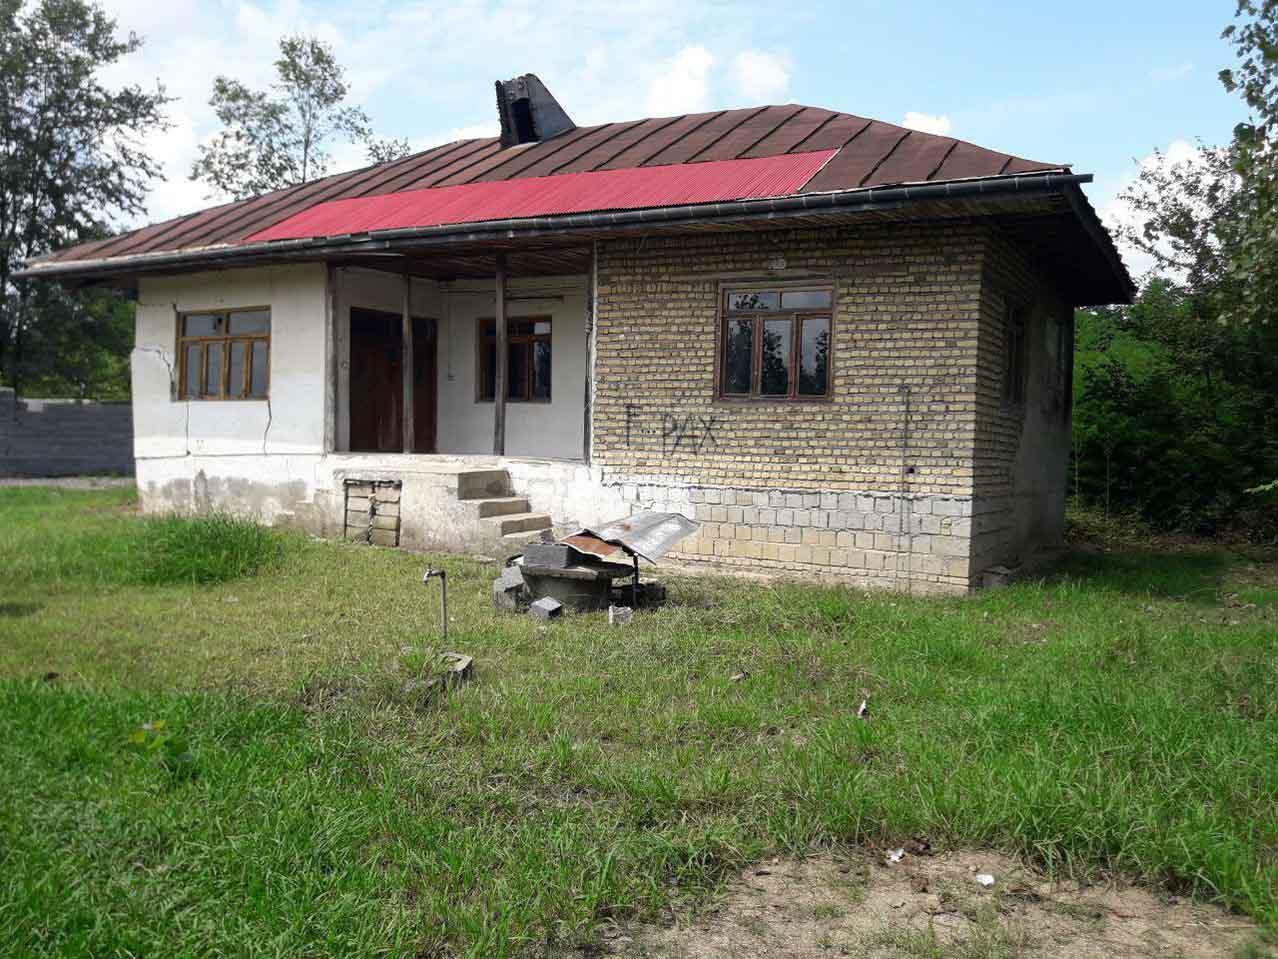 فروش خانه ویلایی 600 متری سیاهکل